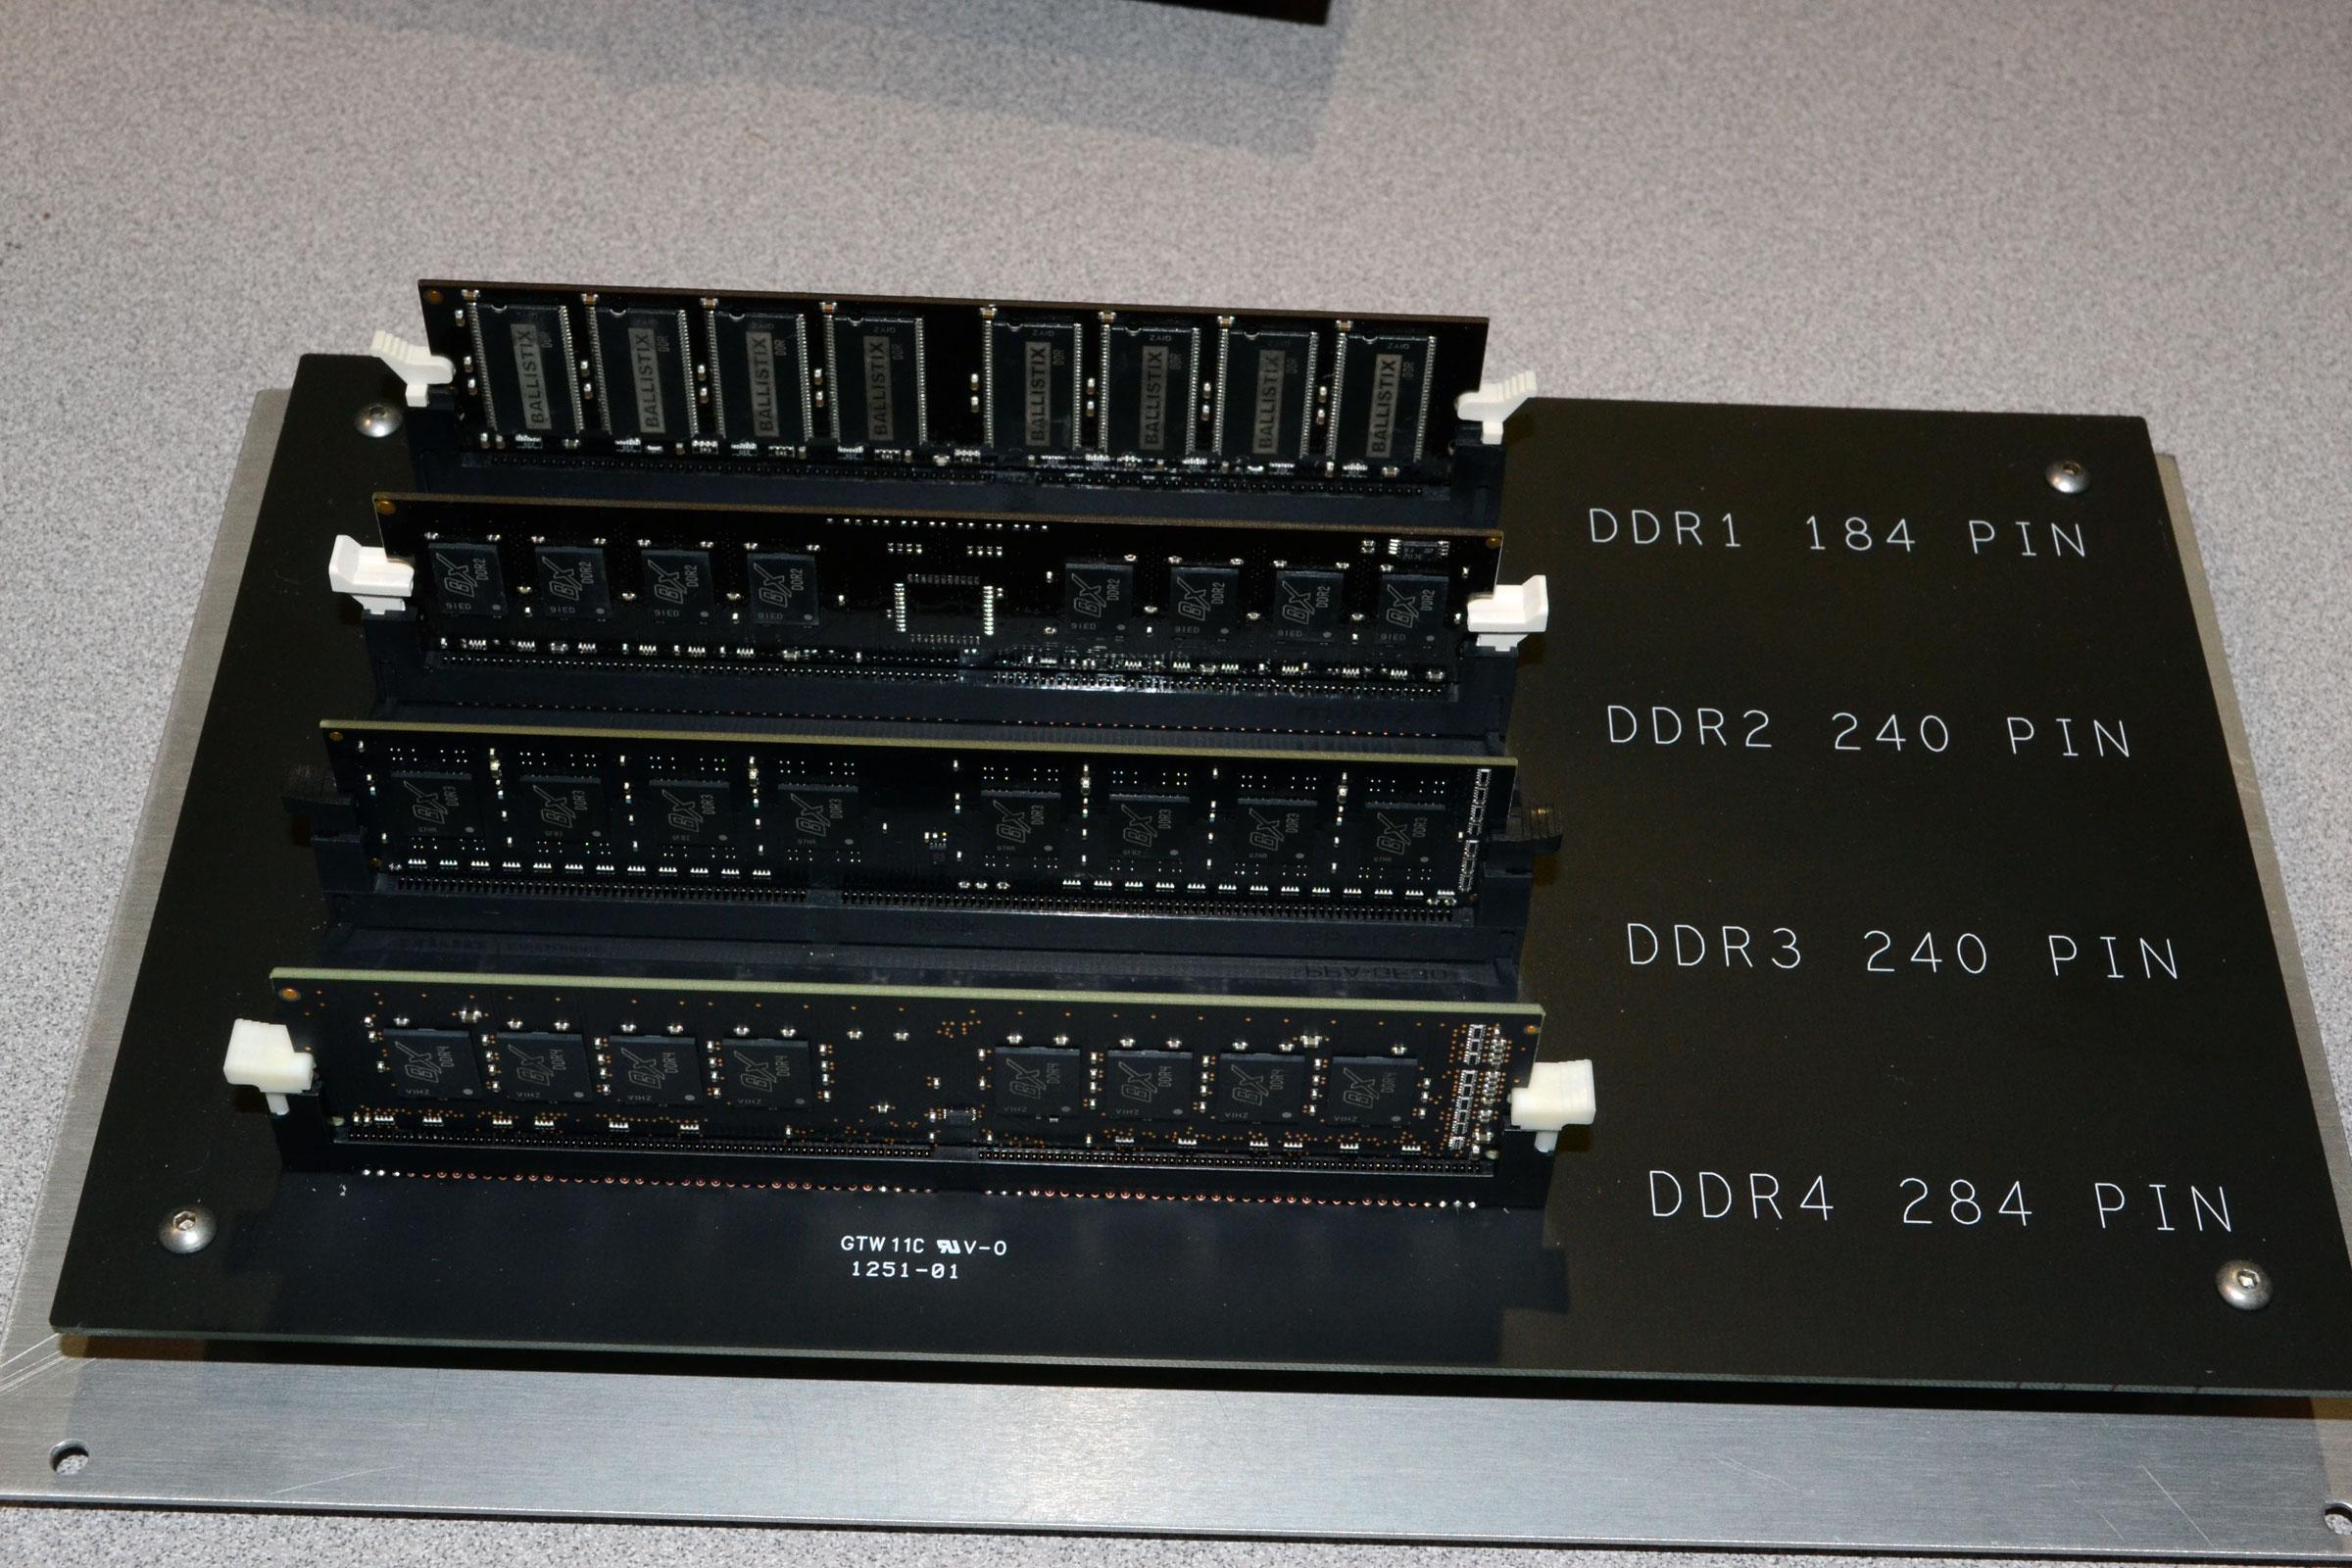 Сравнение памяти DDR1, DDR2, DDR3 и DDR4